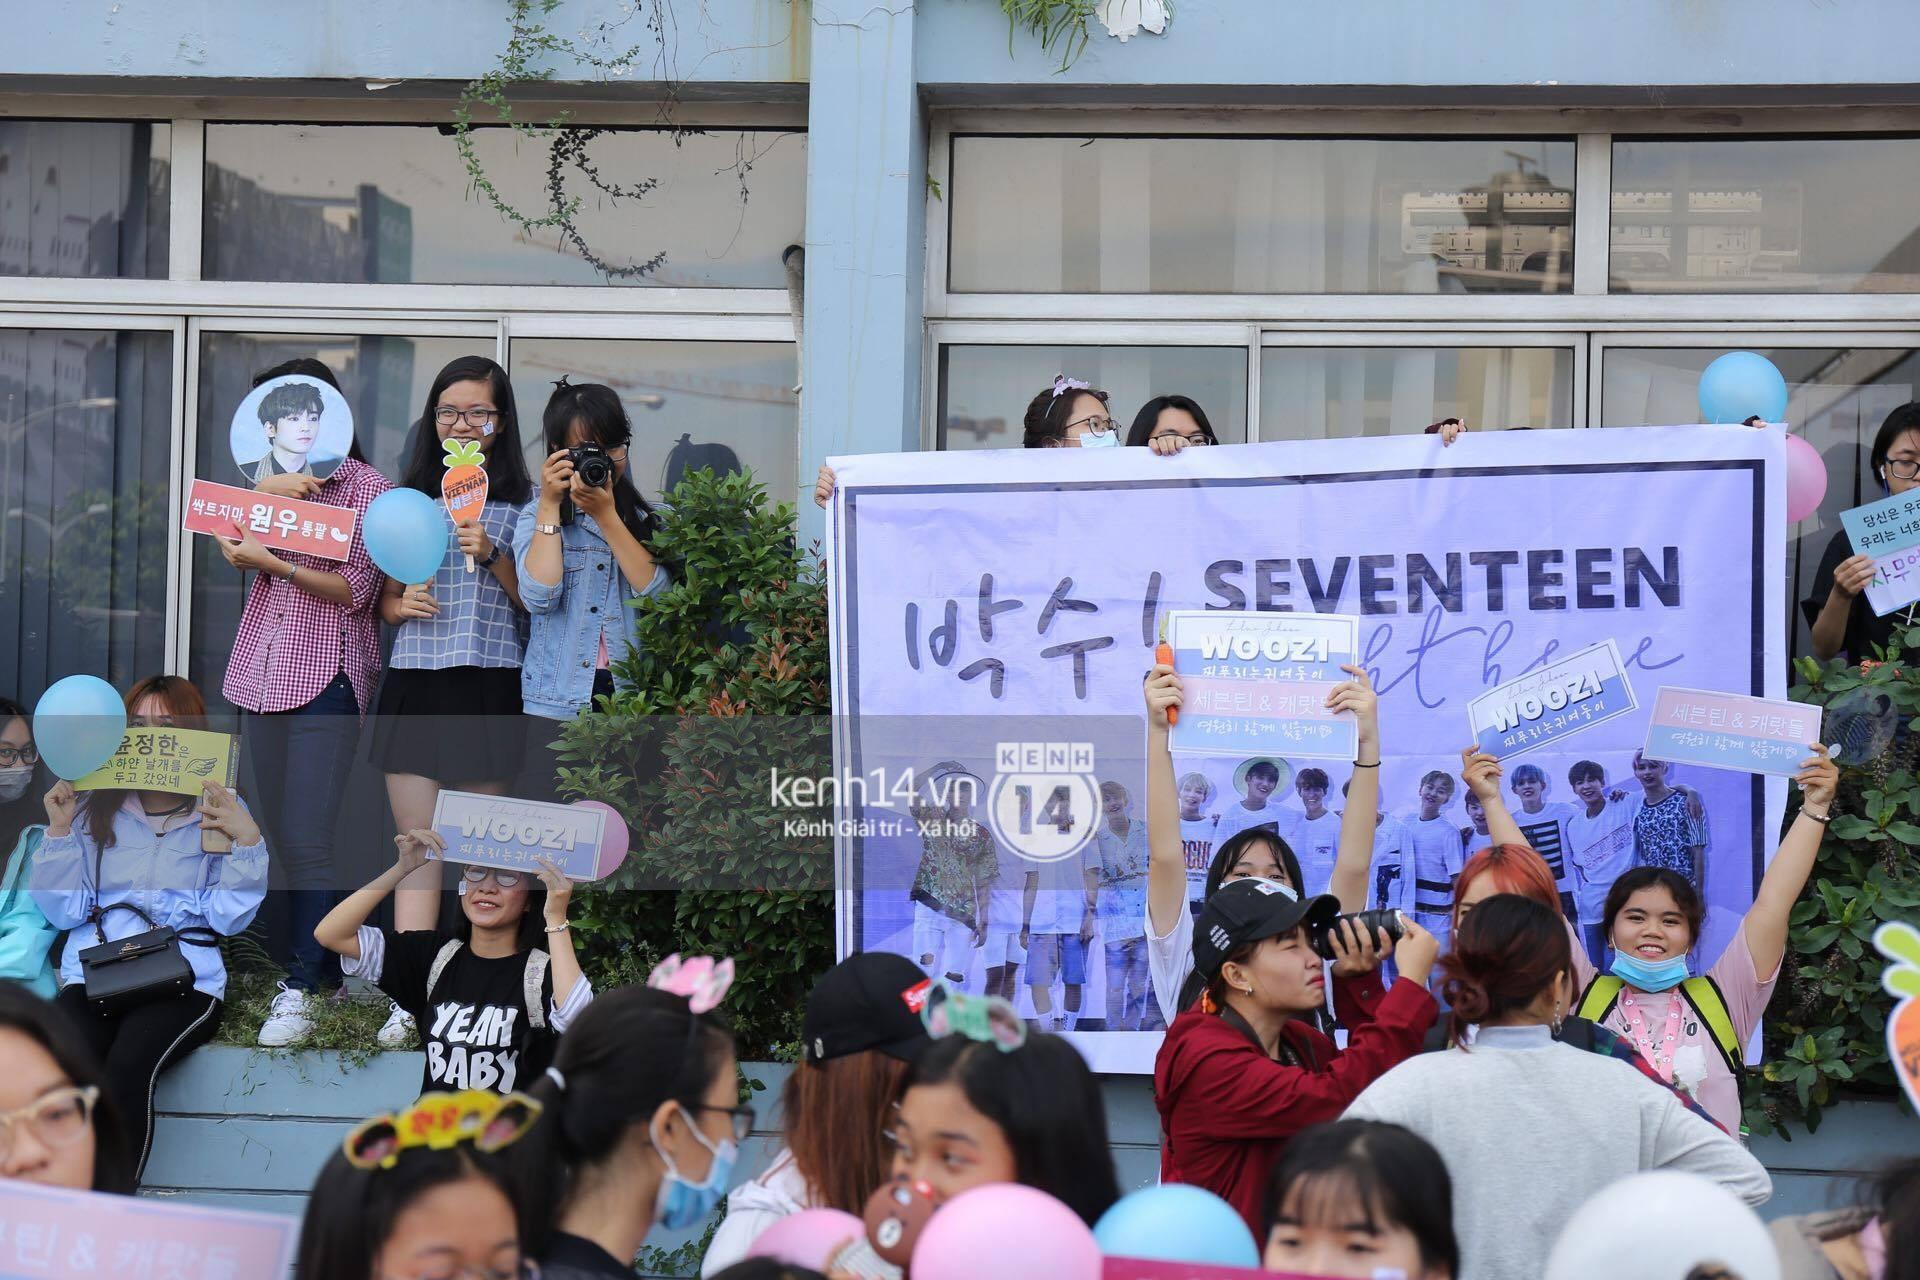 Hoàng tử lai Samuel điển trai, cùng Seventeen ngoái lại chào fan Việt bằng được tại sân bay Tân Sơn Nhất - Ảnh 20.